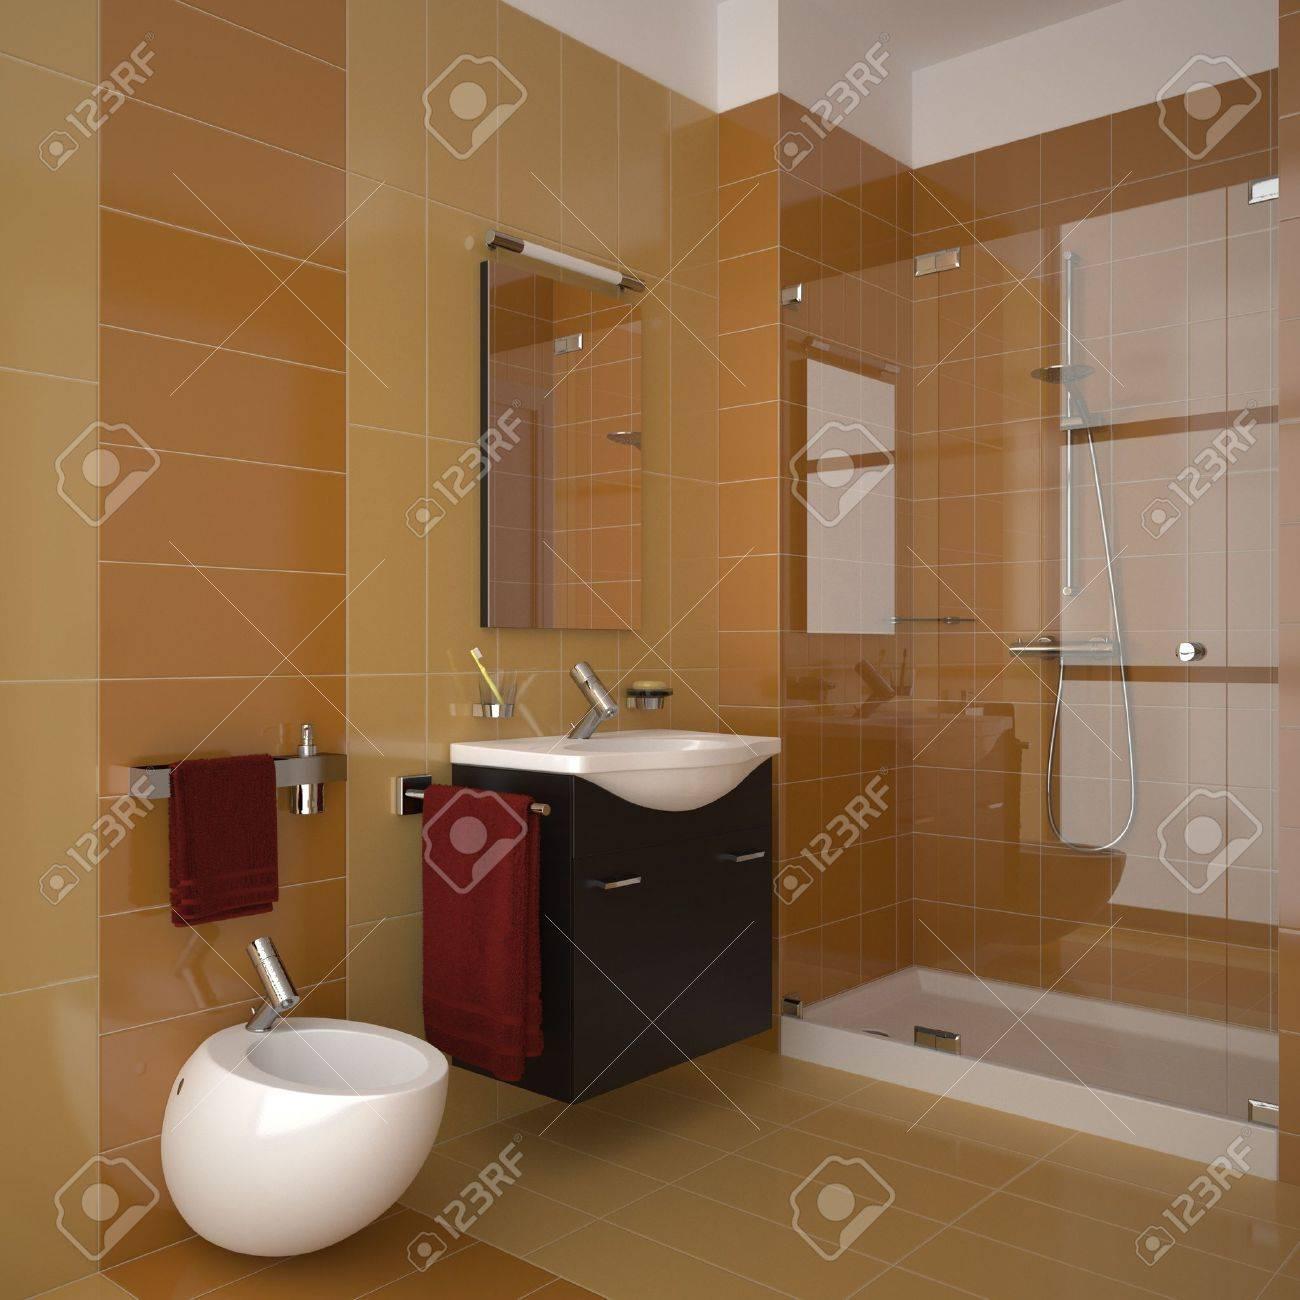 Baño moderno con azulejos de naranjas fotos, retratos, imágenes y ...